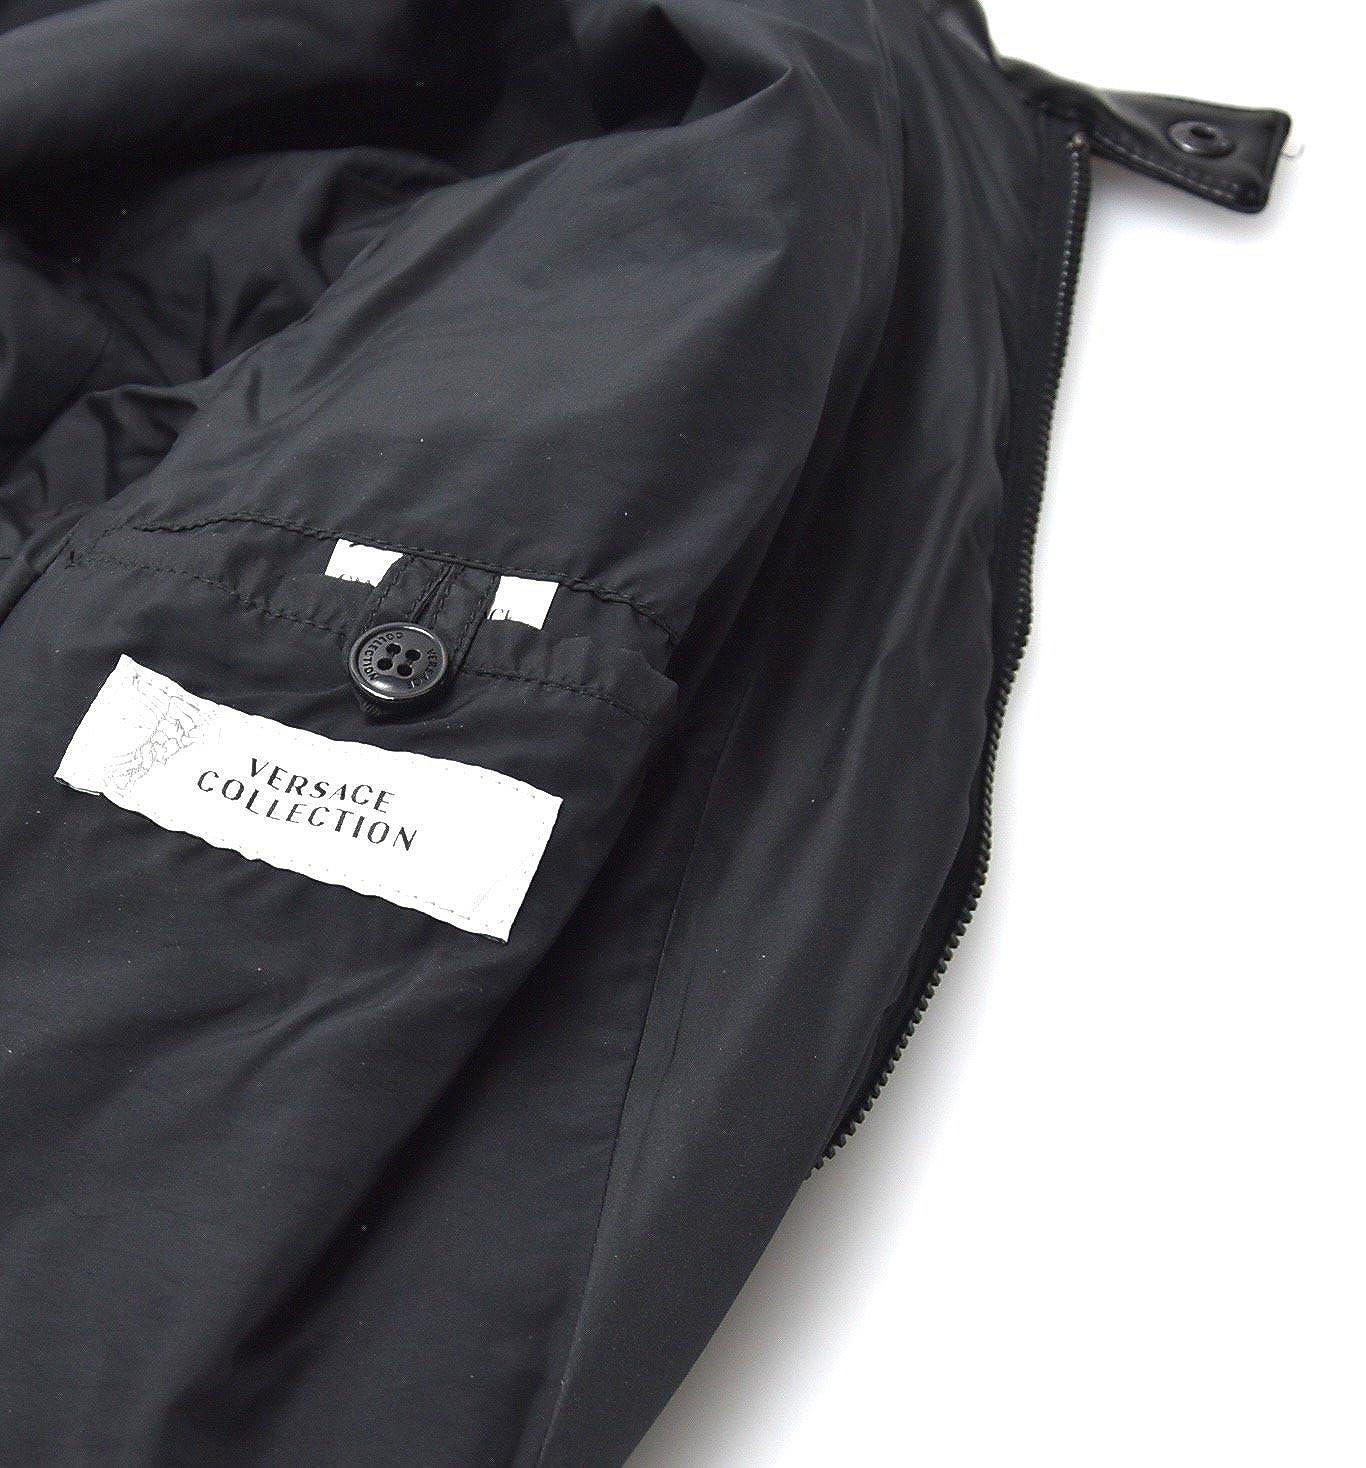 Versace Abrigo Negro Para Mujer Art. V500187 Blouson: Amazon.es: Ropa y accesorios